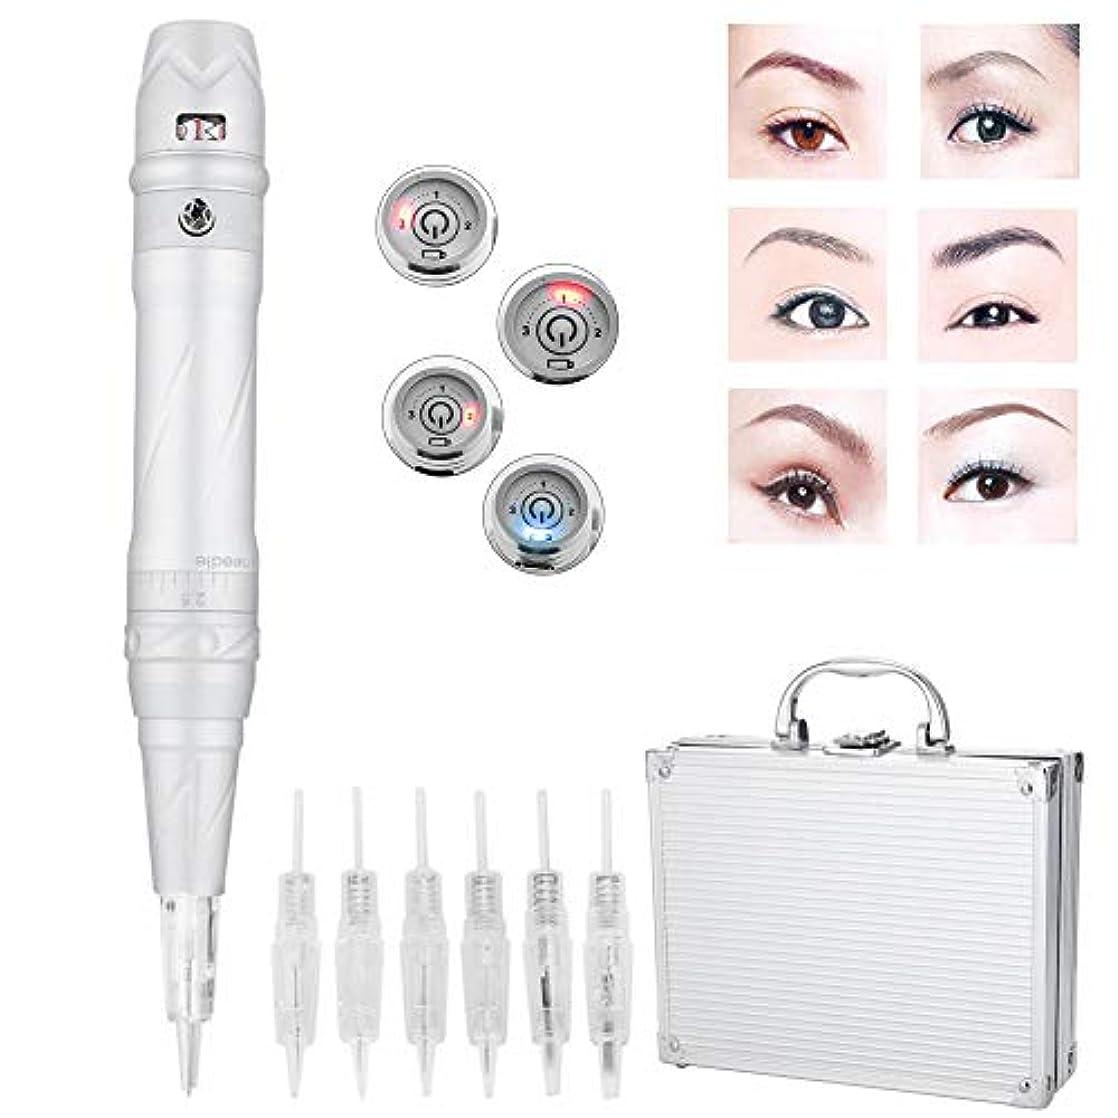 重量ベンチレビュアー永久化粧機キット多機能デジタルロータリーマイクロブレードペンで10本用眉毛アイライナー化粧半永久的な美しさ